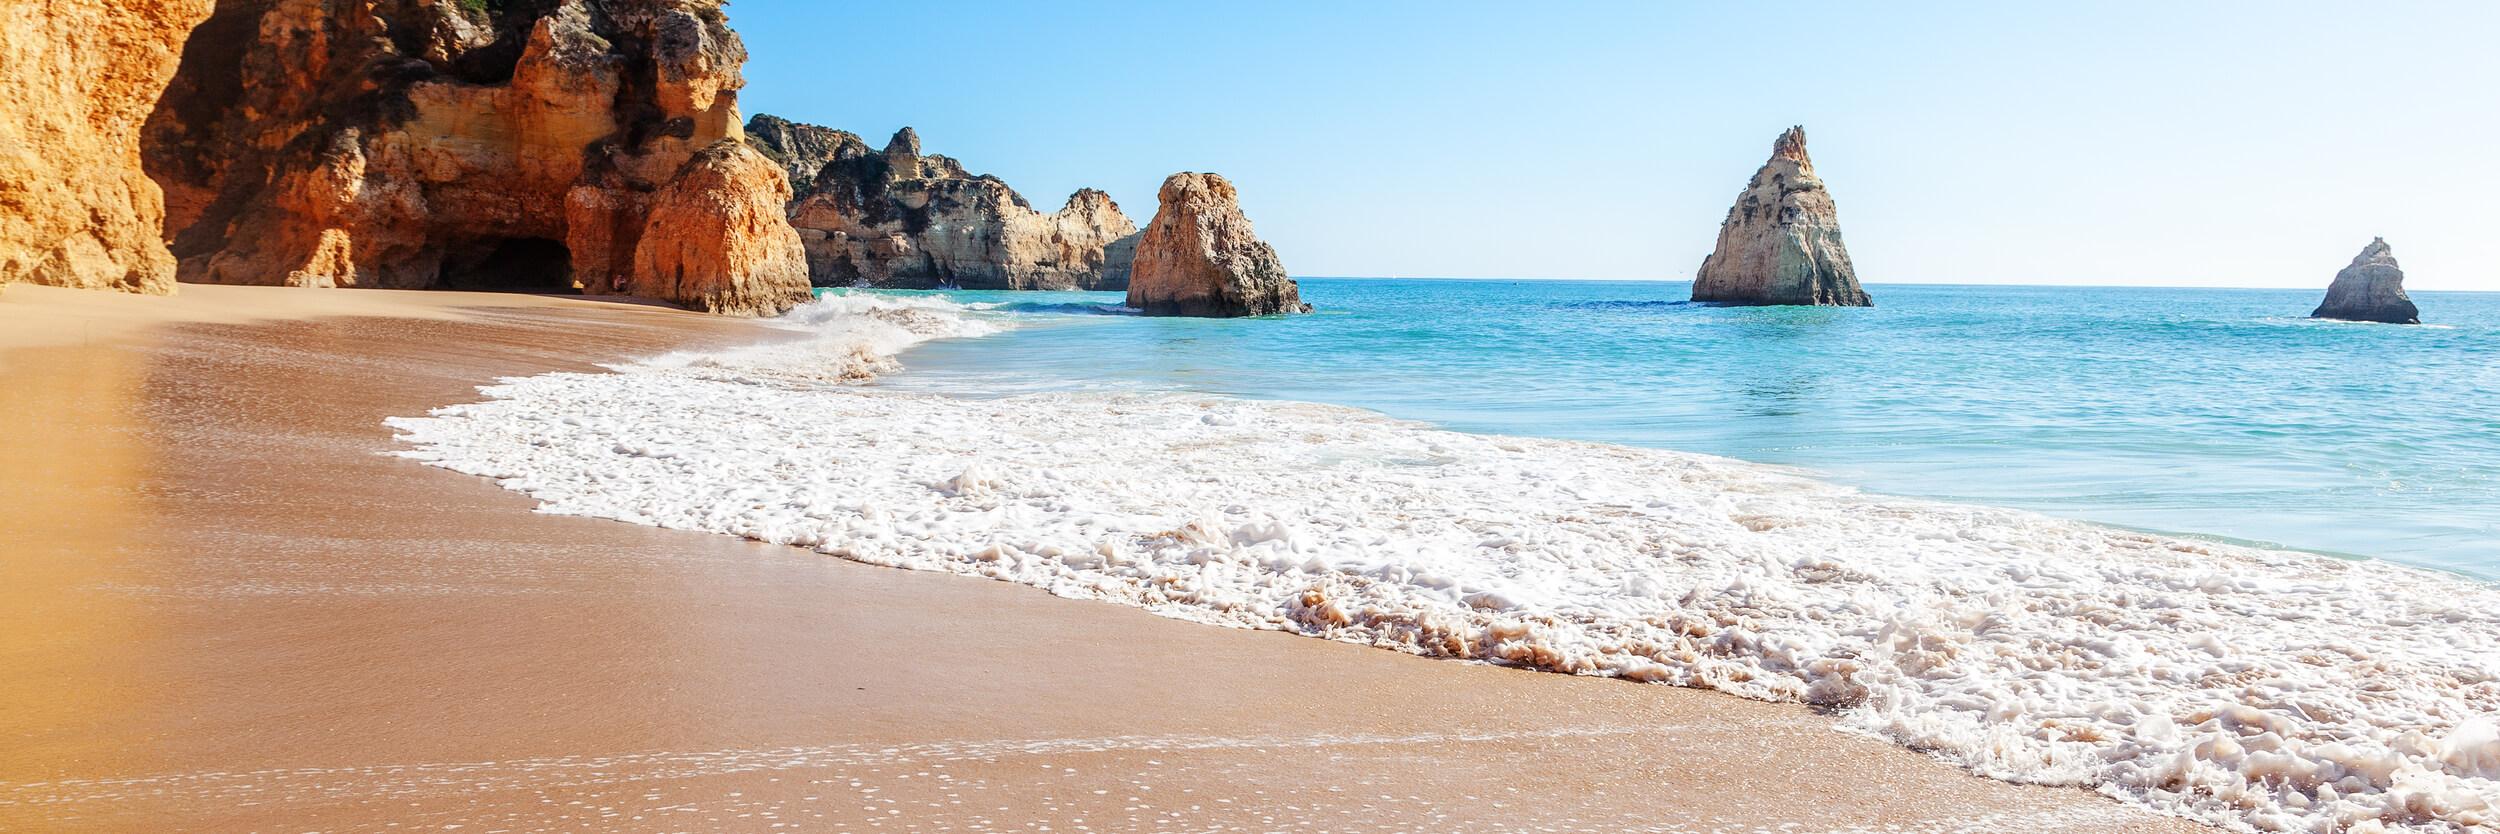 retraite au soleil - Algarve